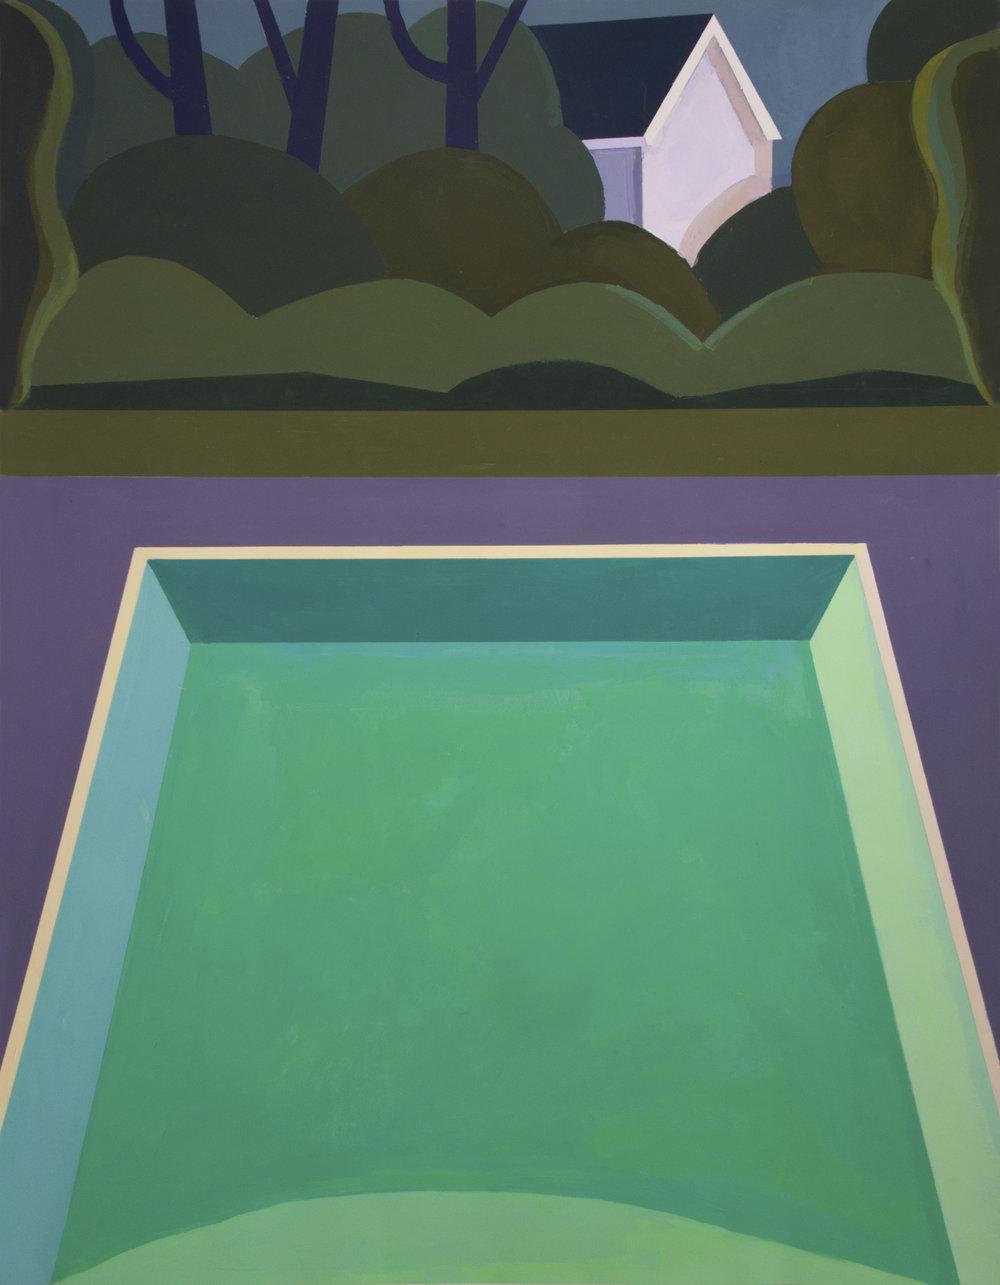 Night Pool VI,  gouache, 36 x 28 in., 2018